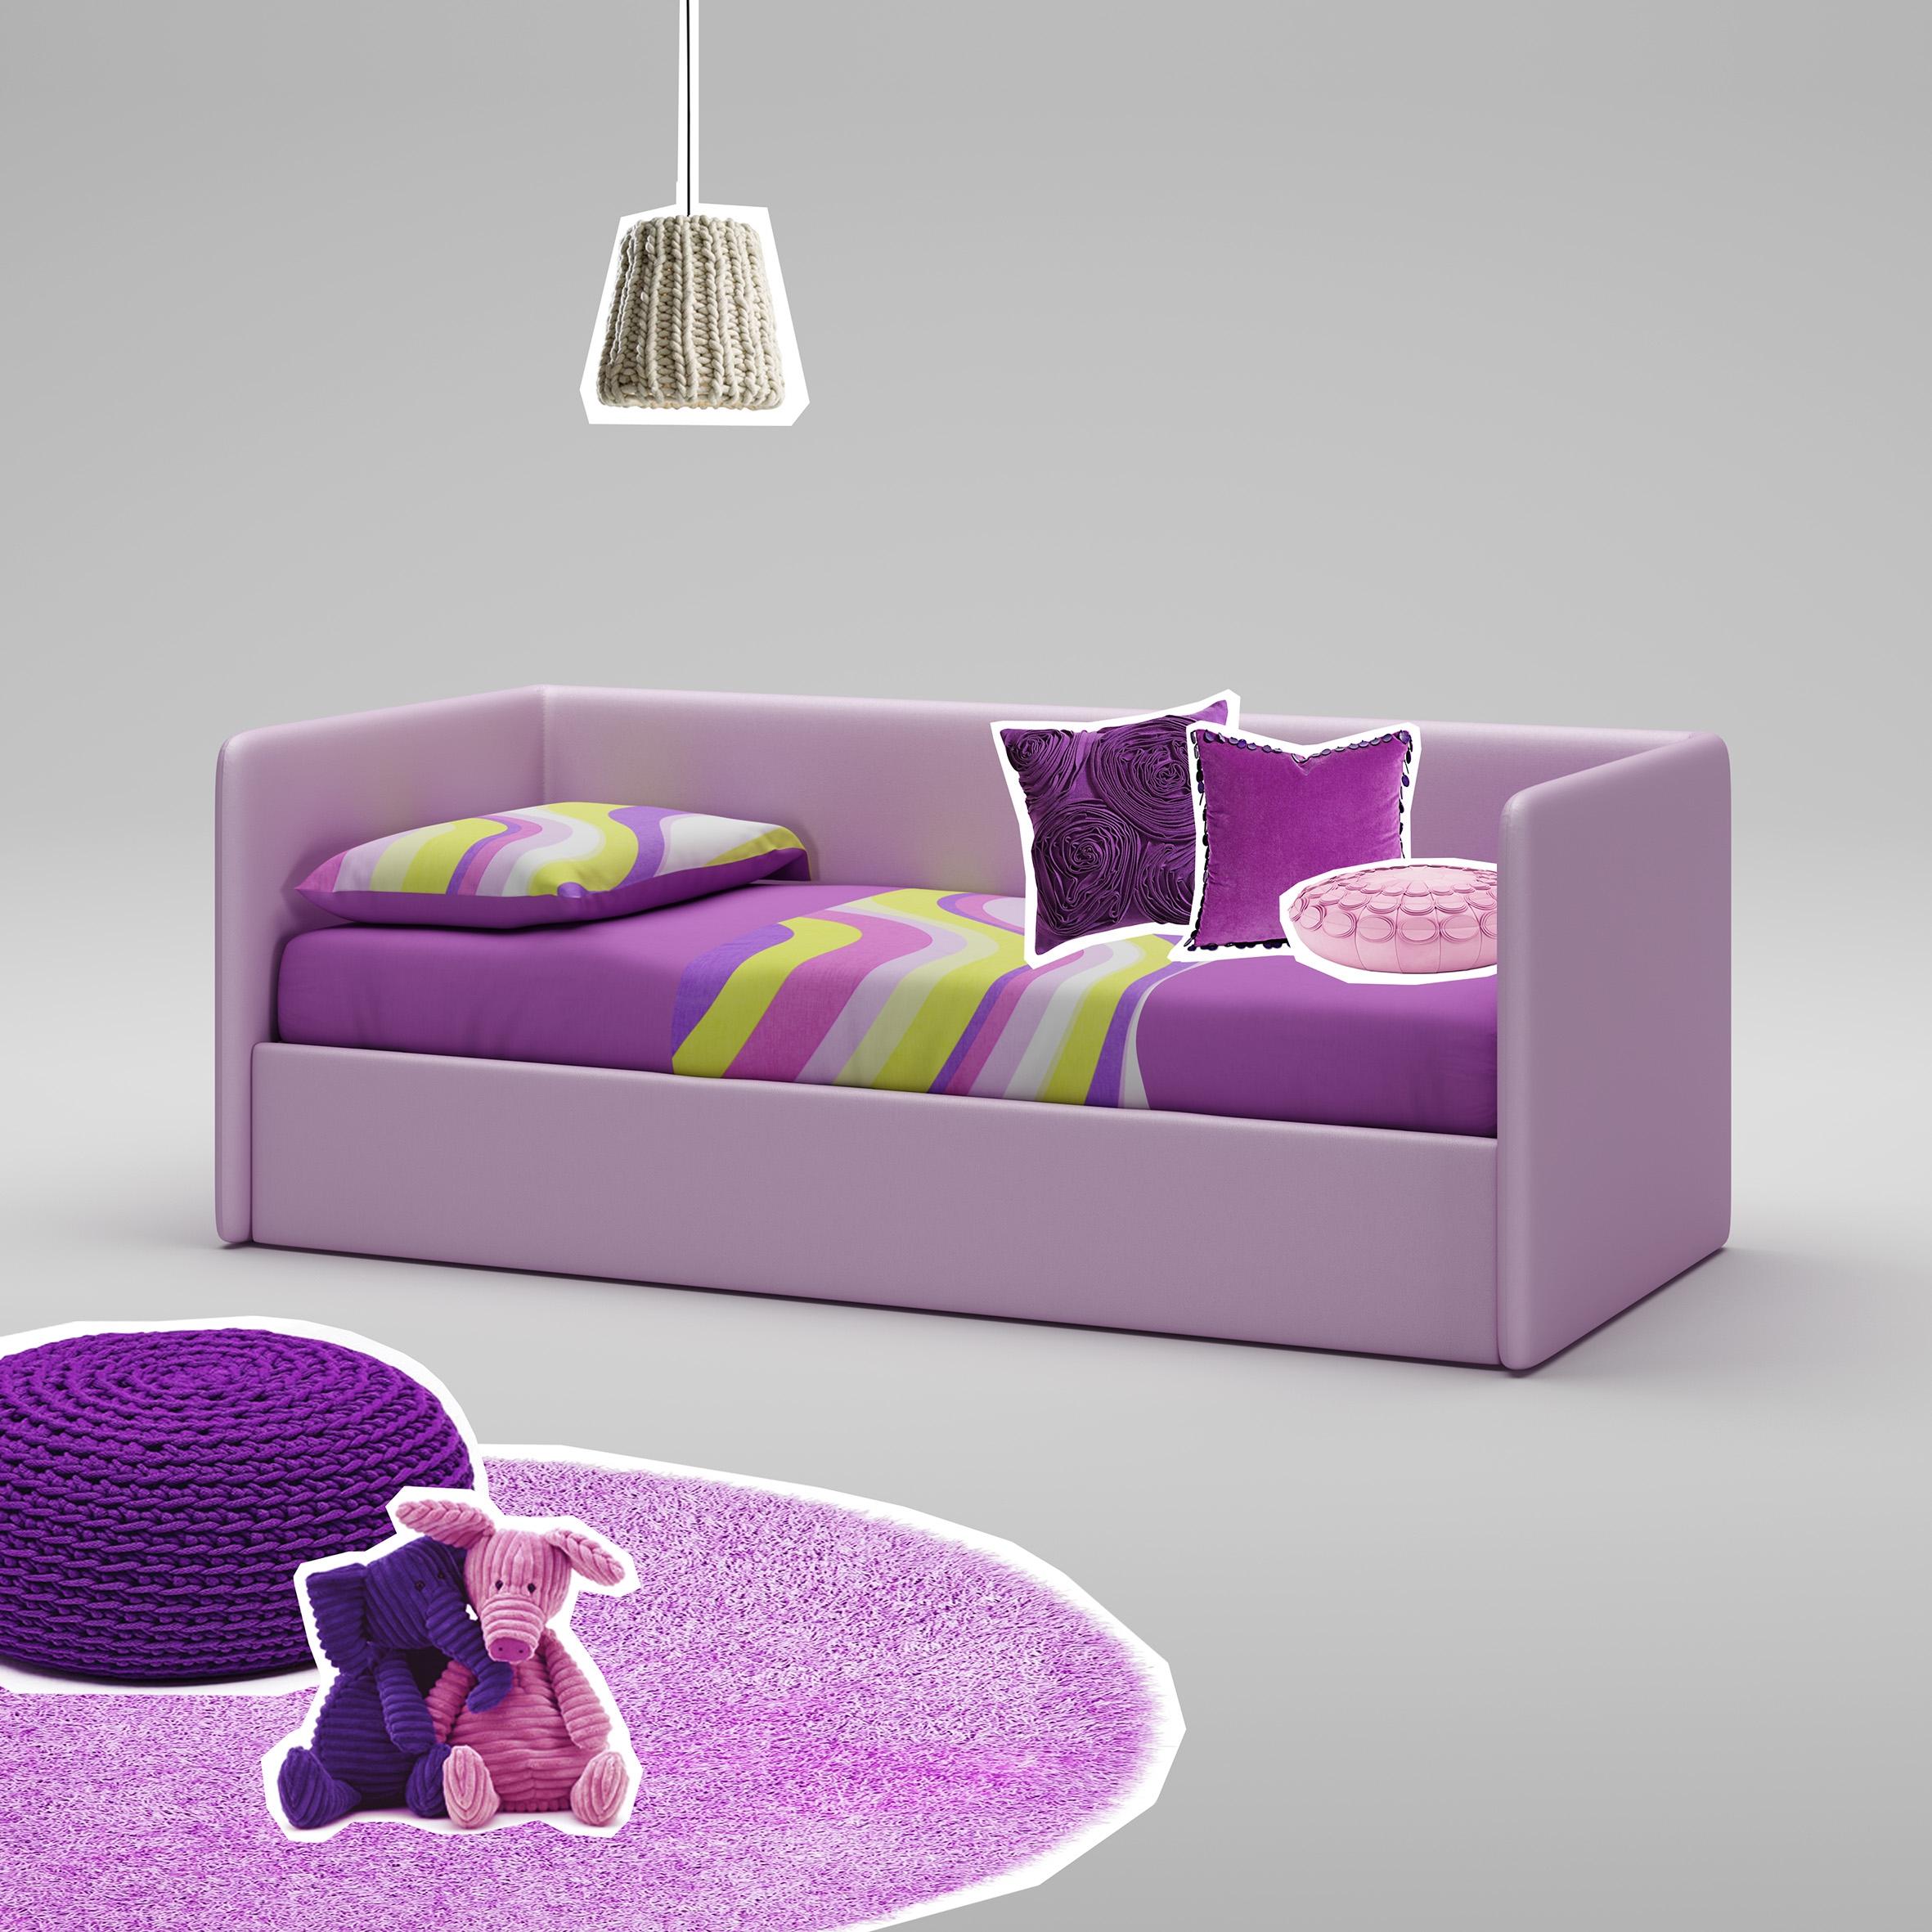 Lit canapé PERSONNALISABLE WL066 imitation cuir couleur lila avec couchage de 90 x 200 - MORETTI COMPACT